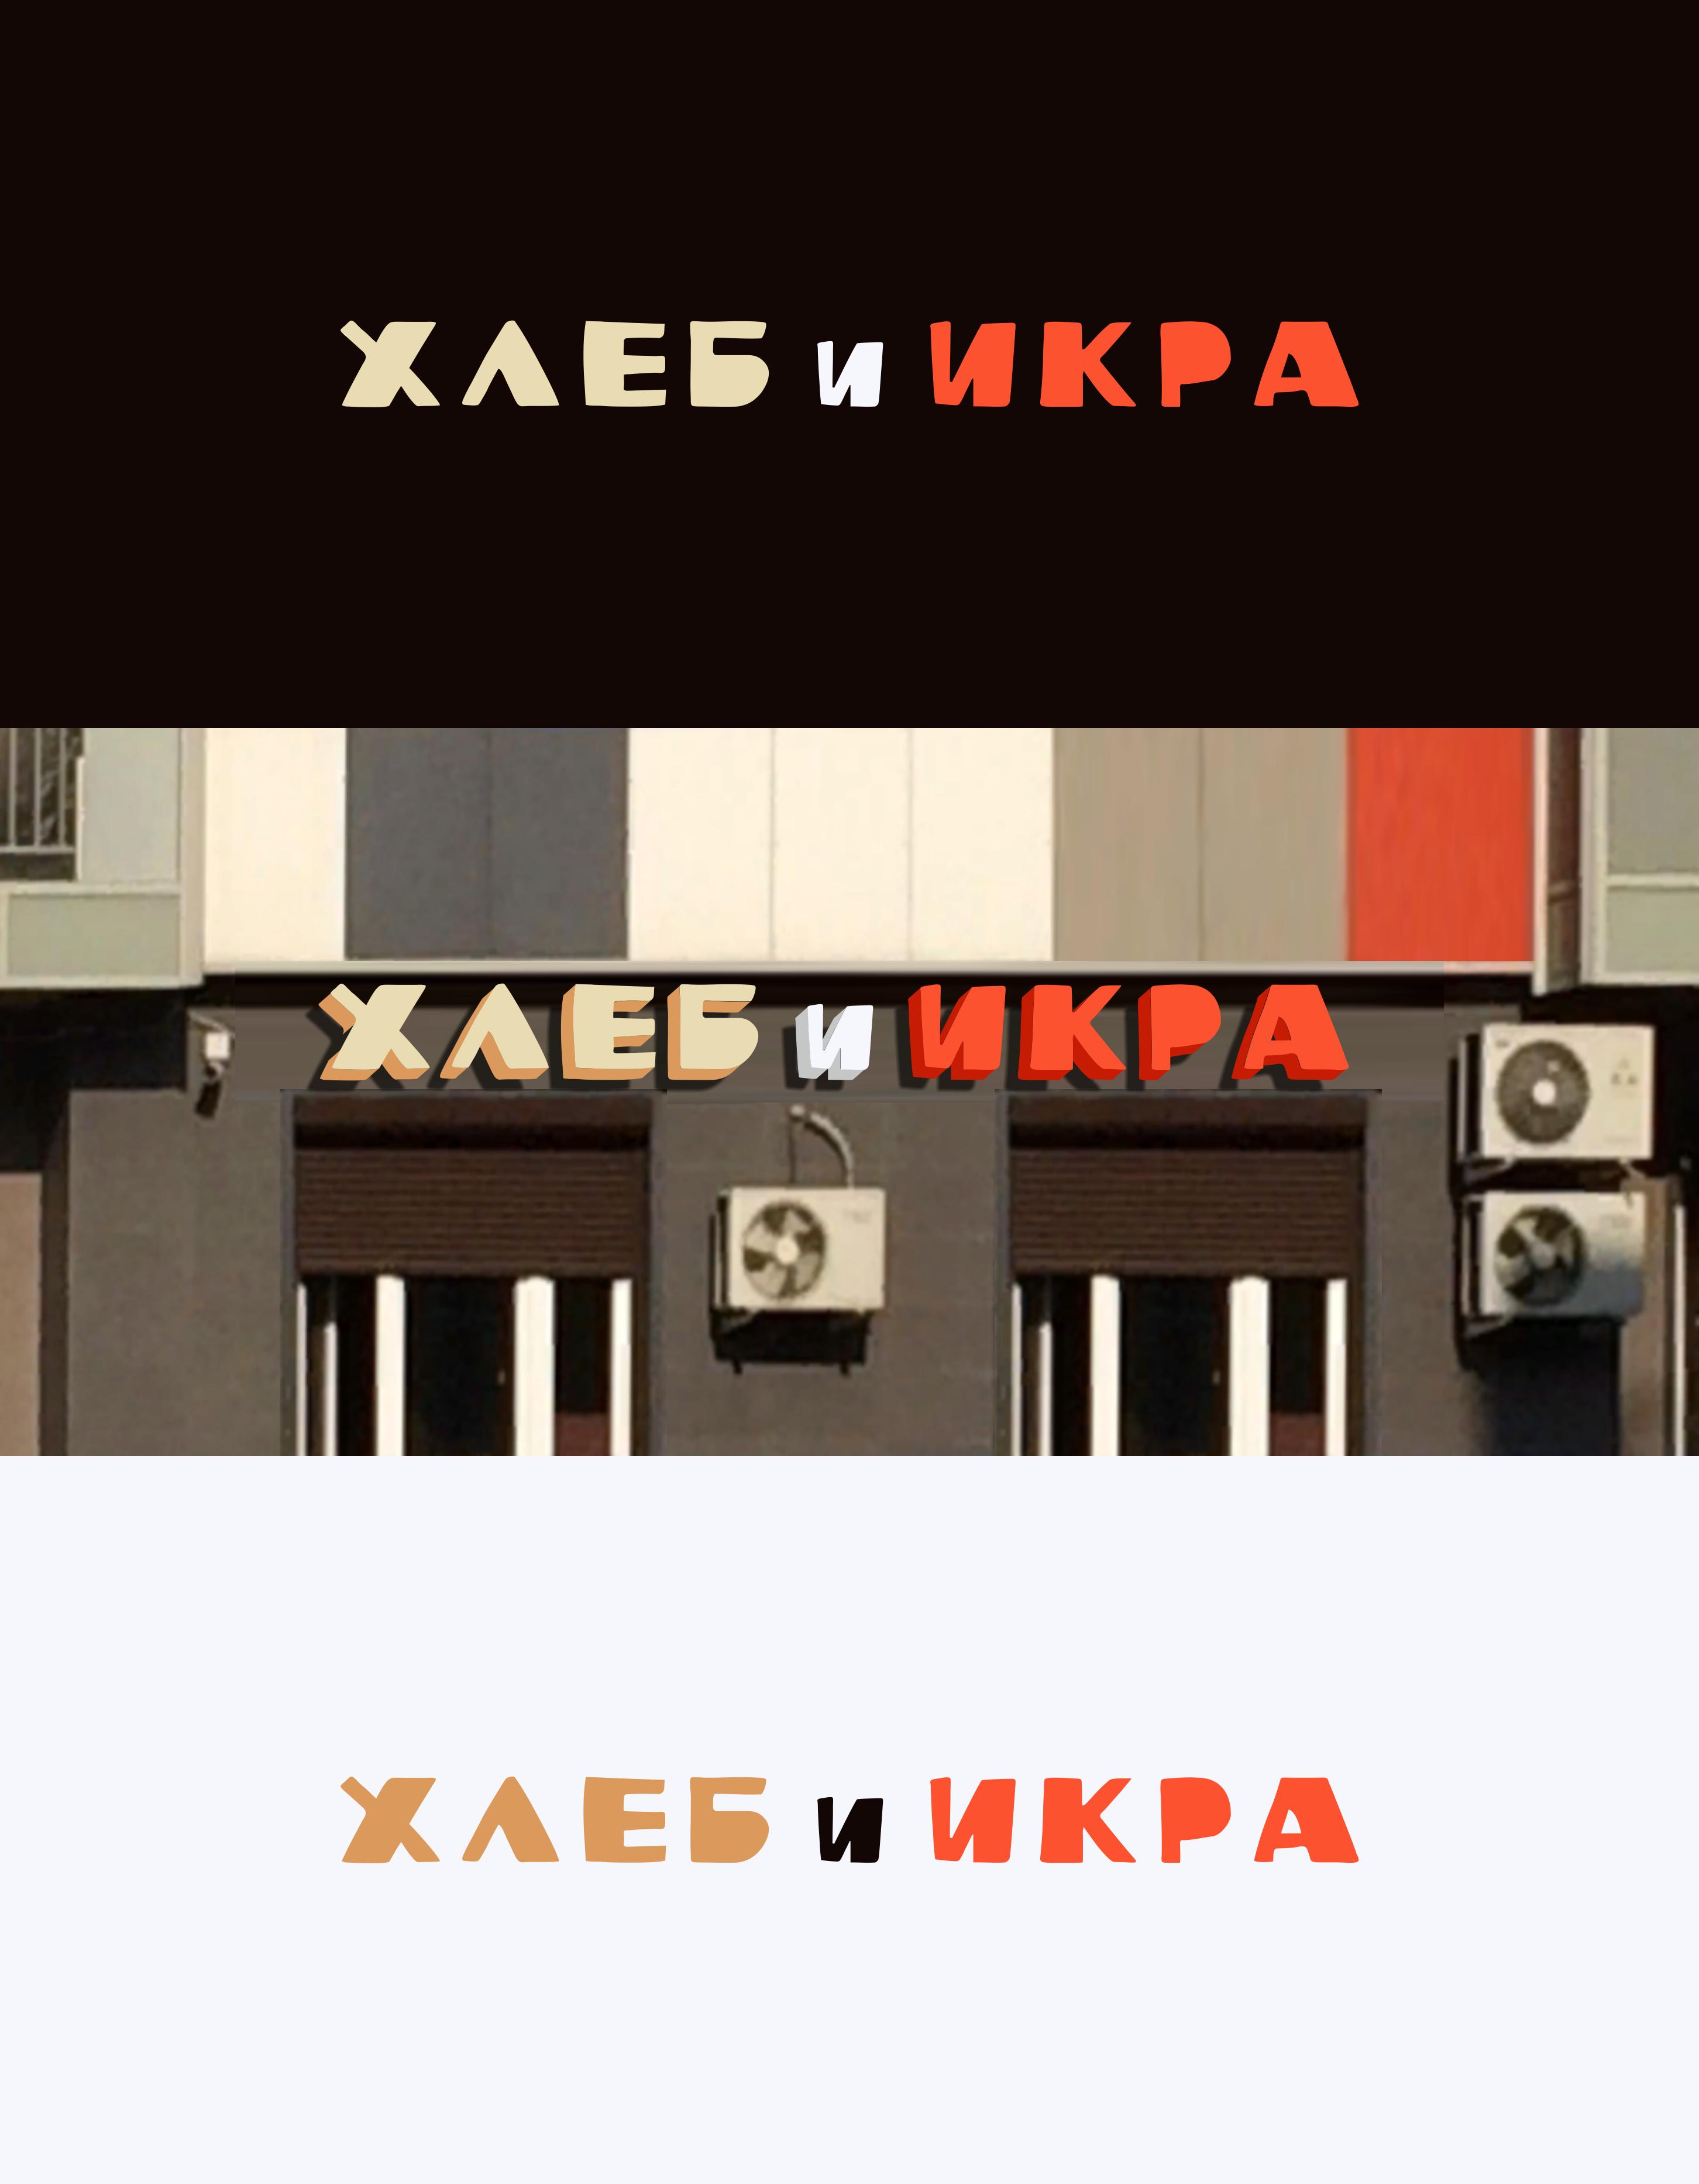 Разработка логотипа (написание)и разработка дизайна вывески  фото f_3775d7cc5573b432.png